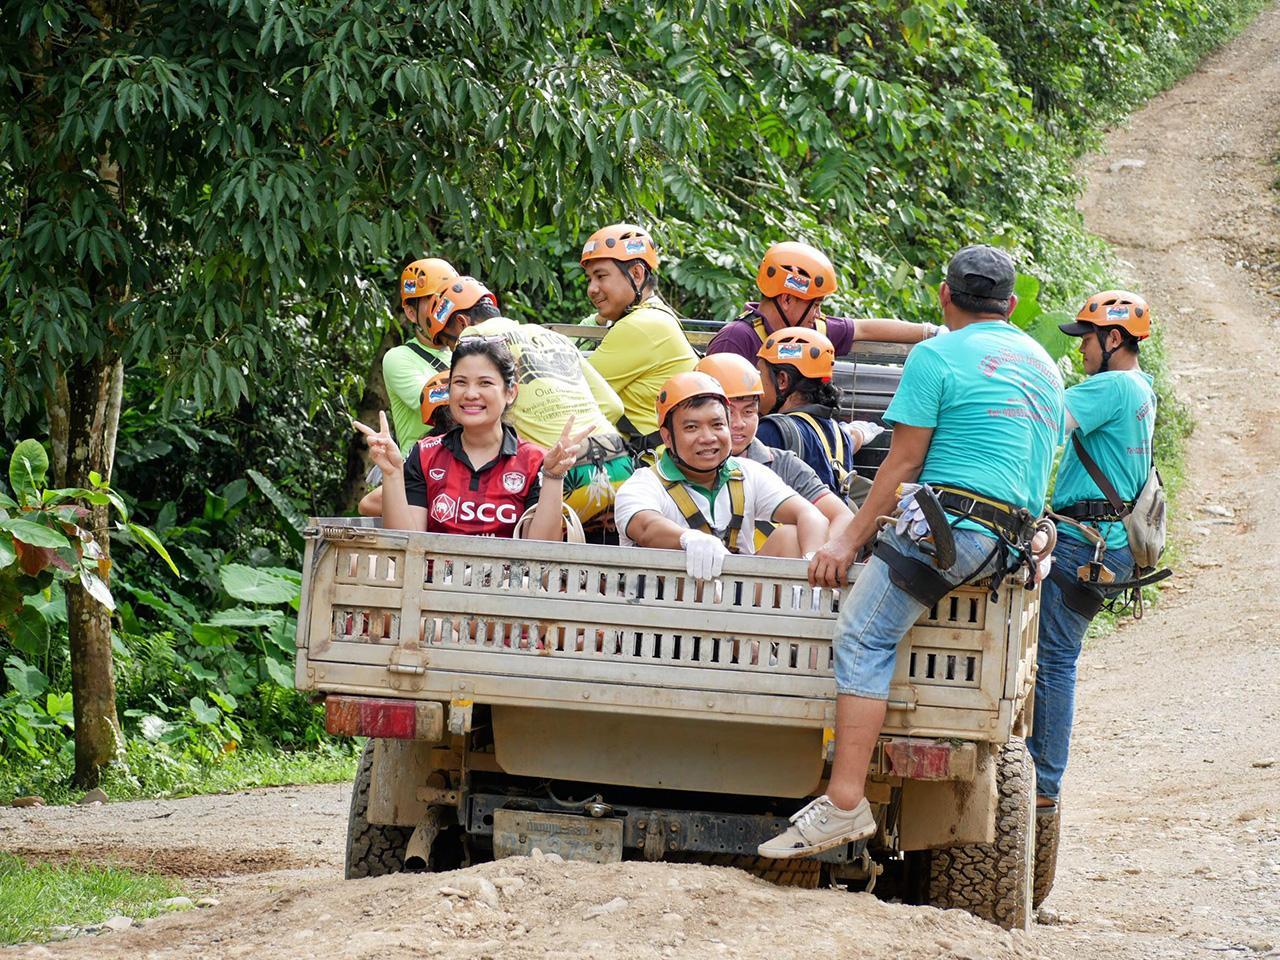 สื่อมวลชนอาเซียนสนุกสนานกับการท่องเที่ยวแบบผจญภัยที่ สปป.ลาว.